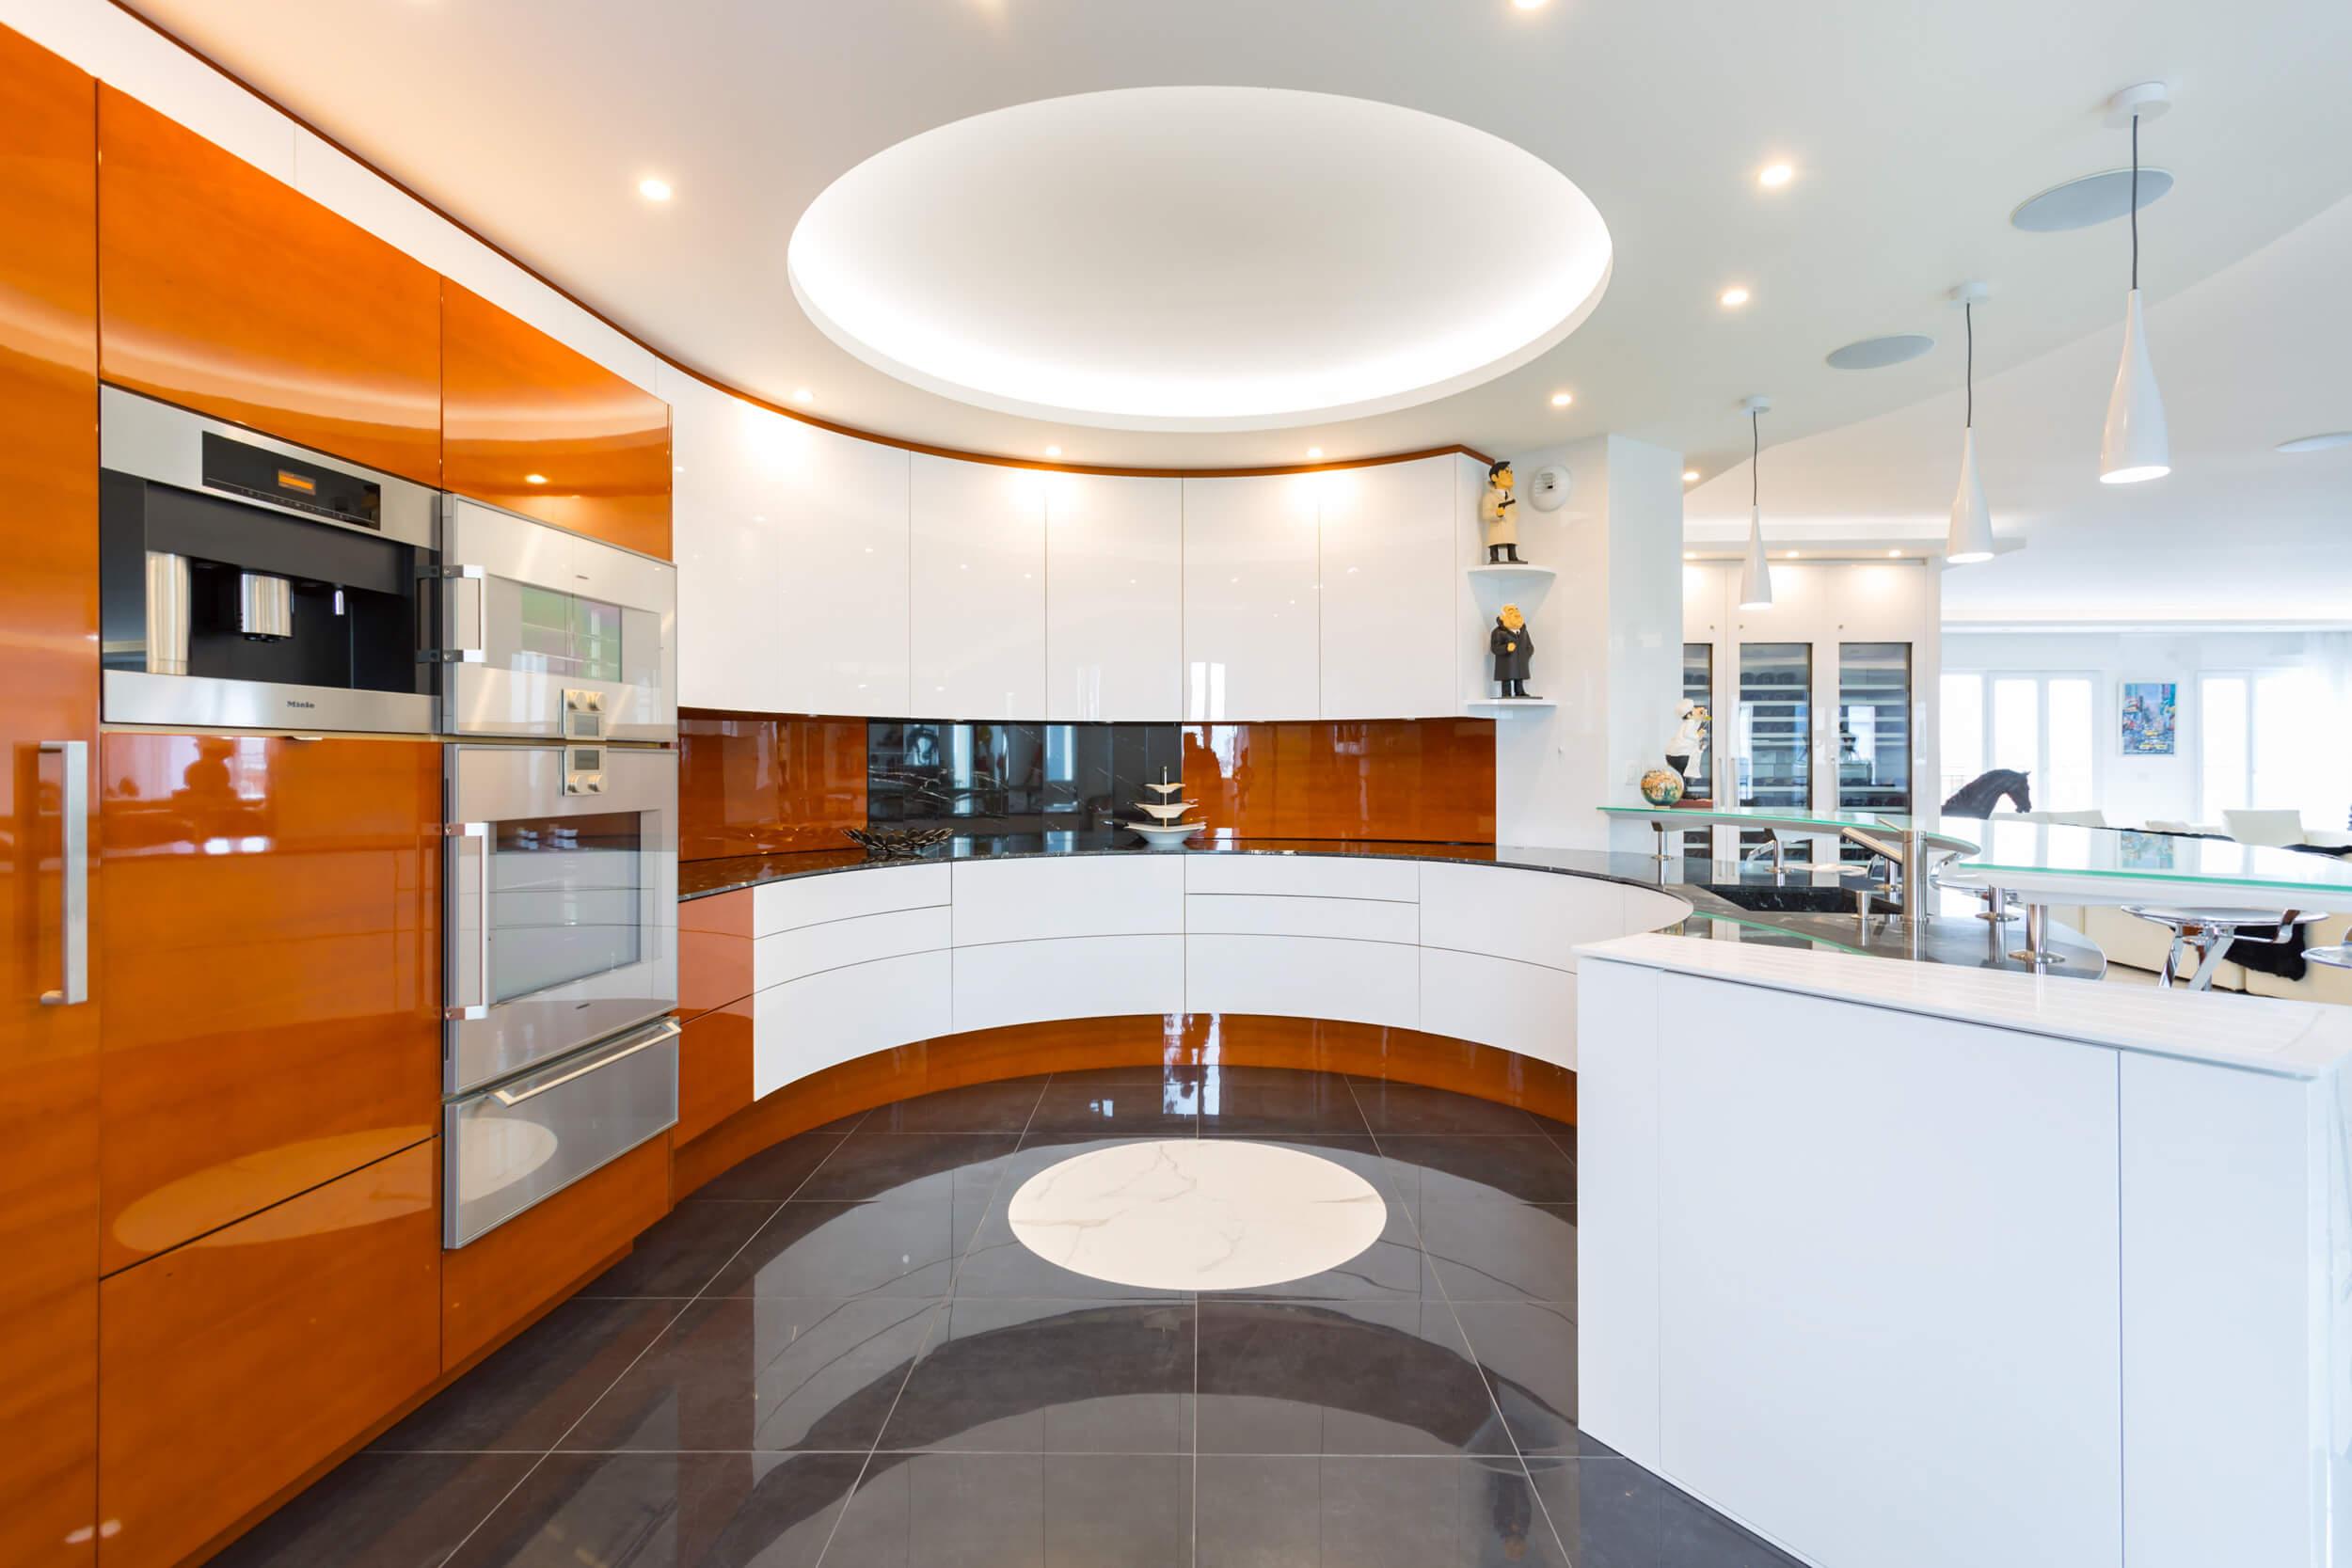 Cuisine de l'appartement de 500 mètres carrés, décoration moderne à Puteaux et aménagé par Heliot